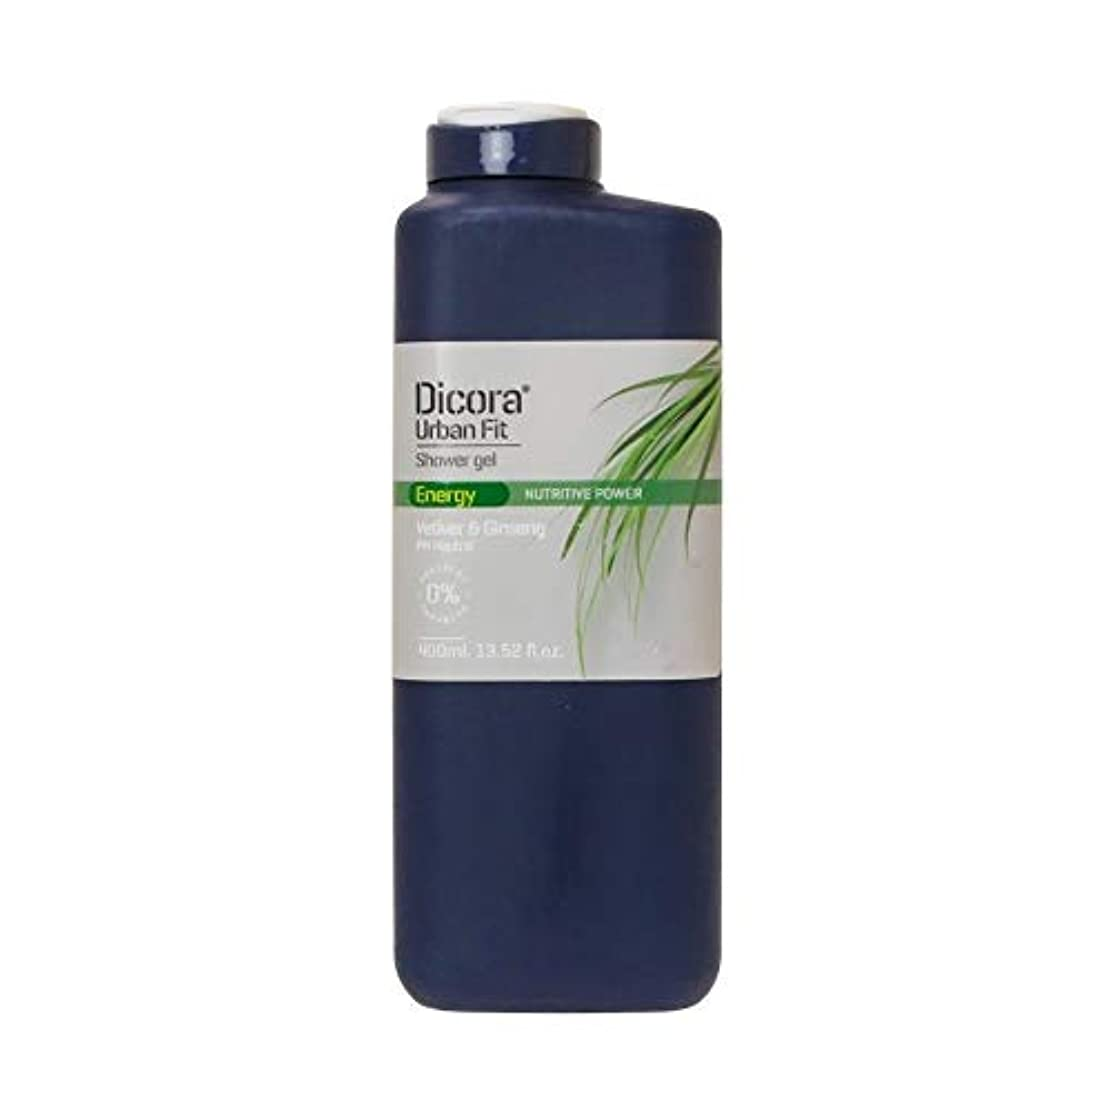 草拡散するリングバックDicora(ディコラ) ディコラ アーバンフィット シャワージェル MK&ML 400ml ボディソープ ベチパー & ジンセンの香り 401ml